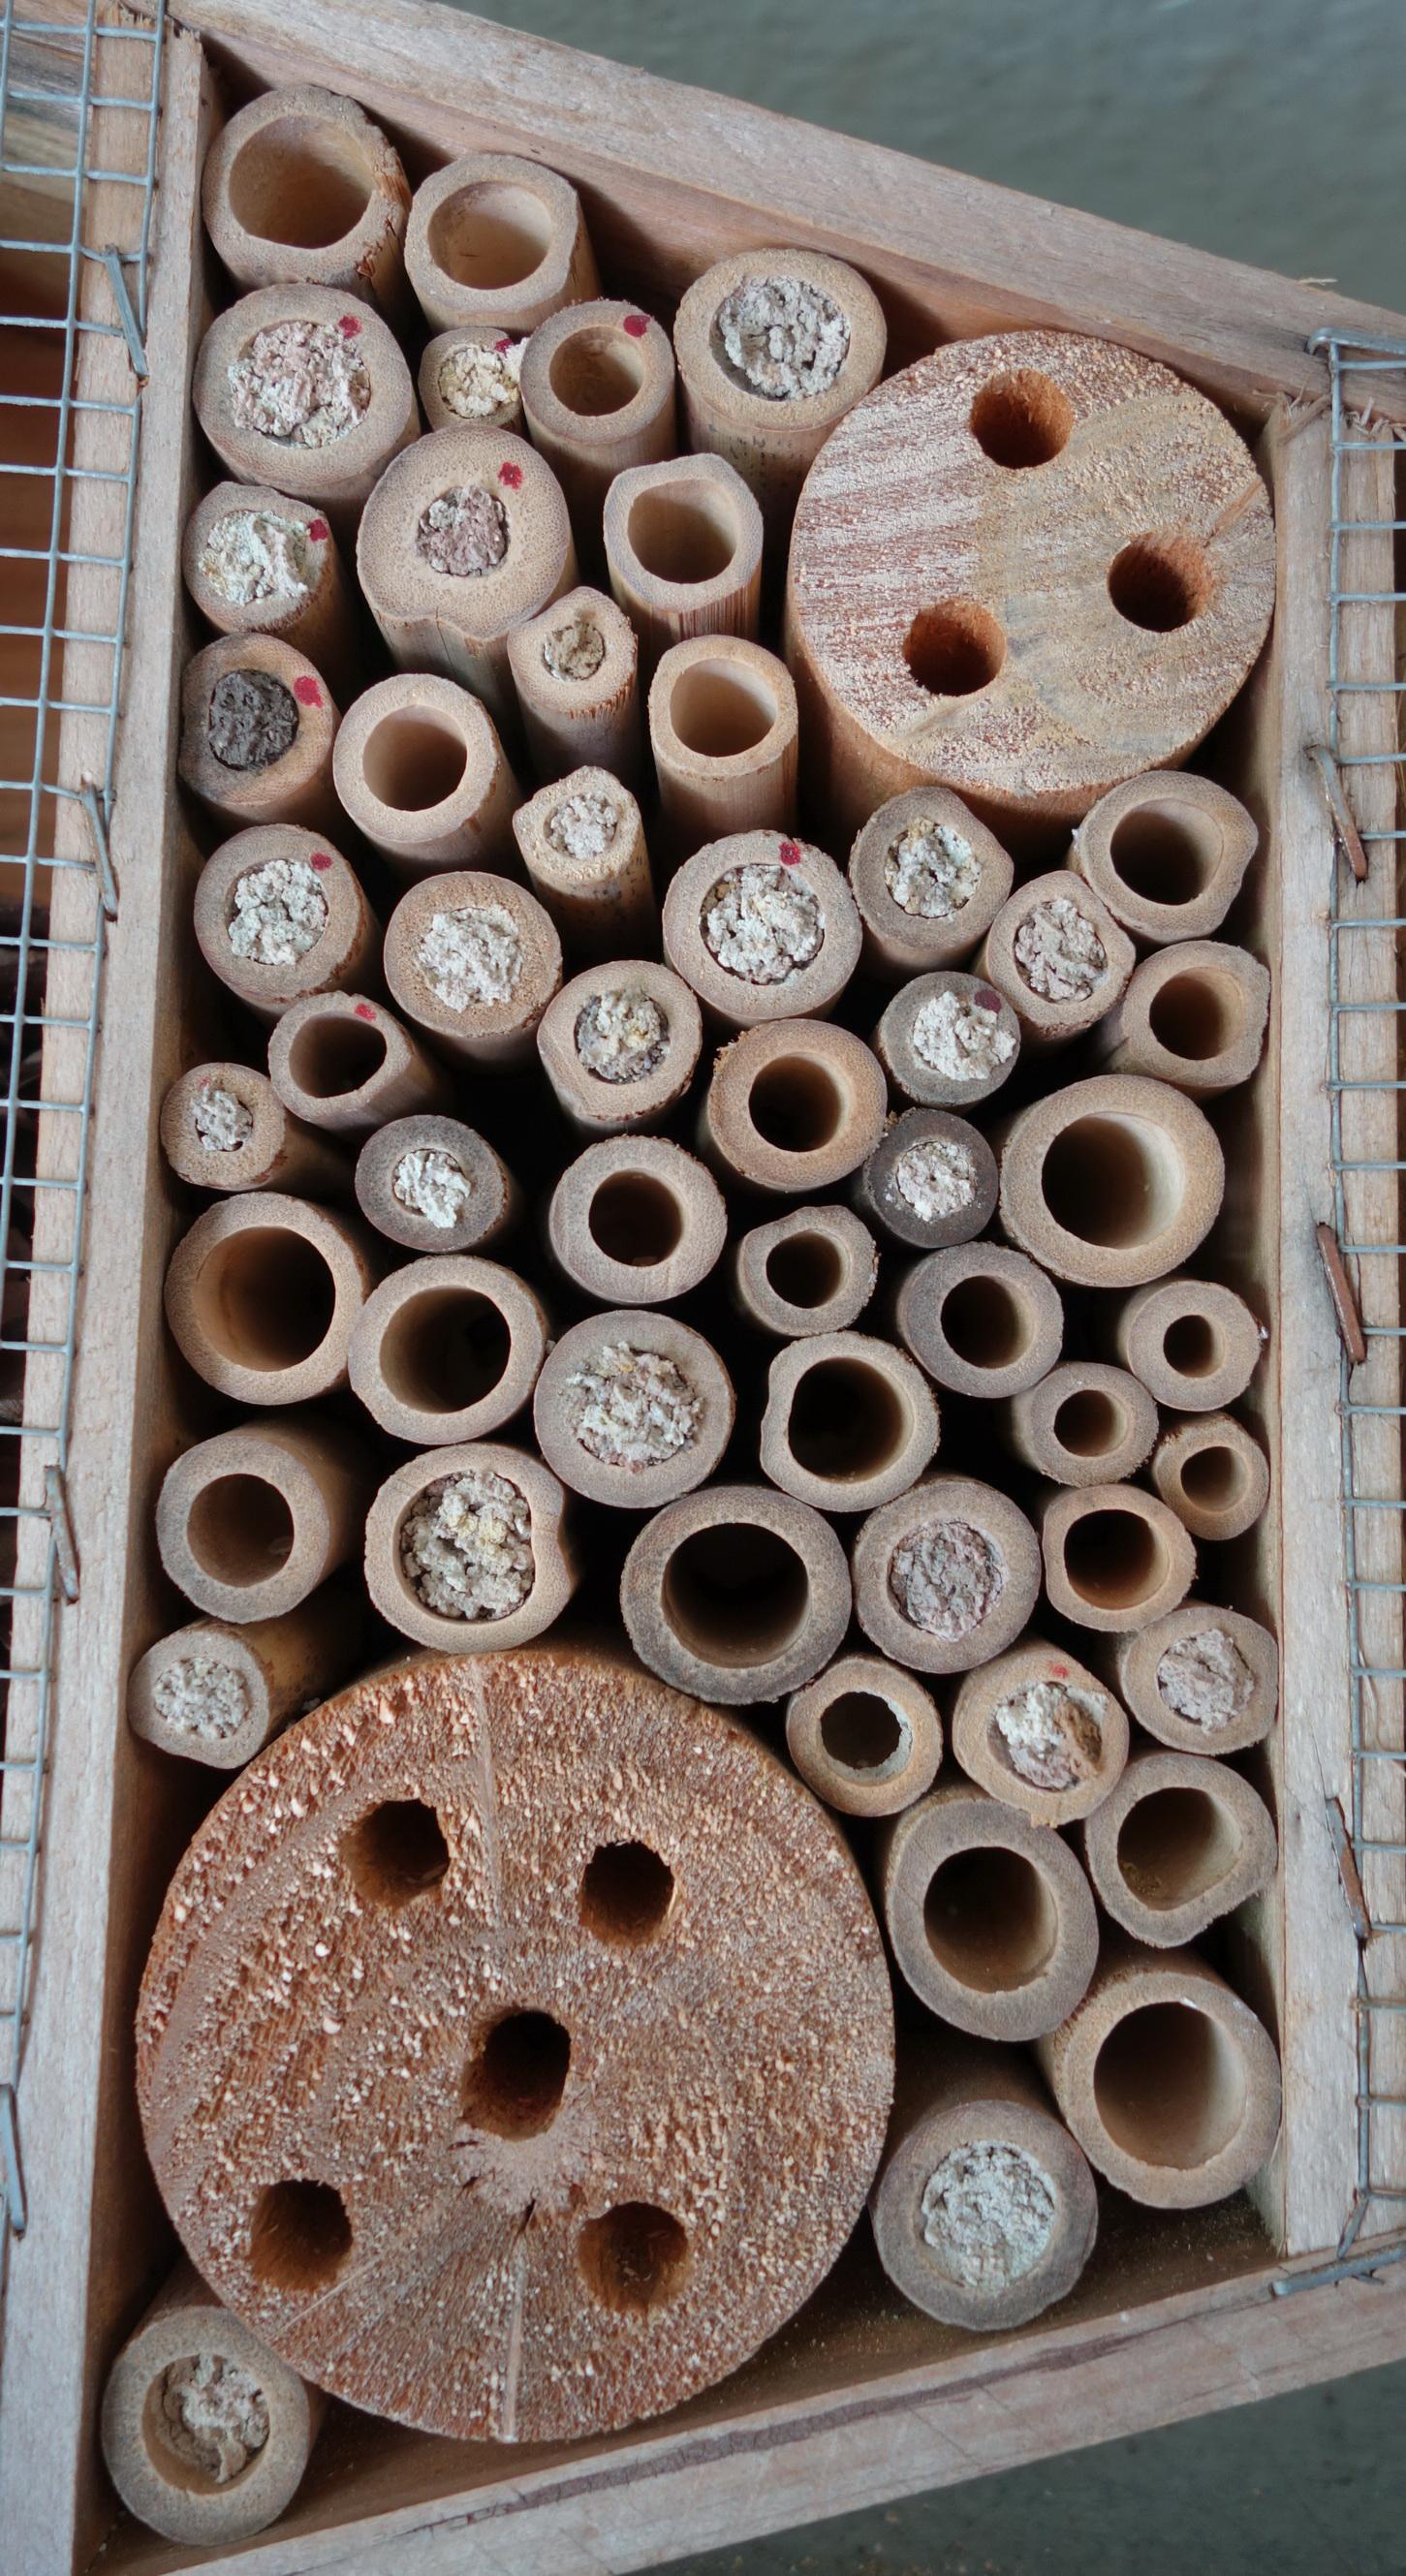 Mauerbienen als Untermieter; Stand 24.05.2018 16:30 Uhr © Thomas Petschinka